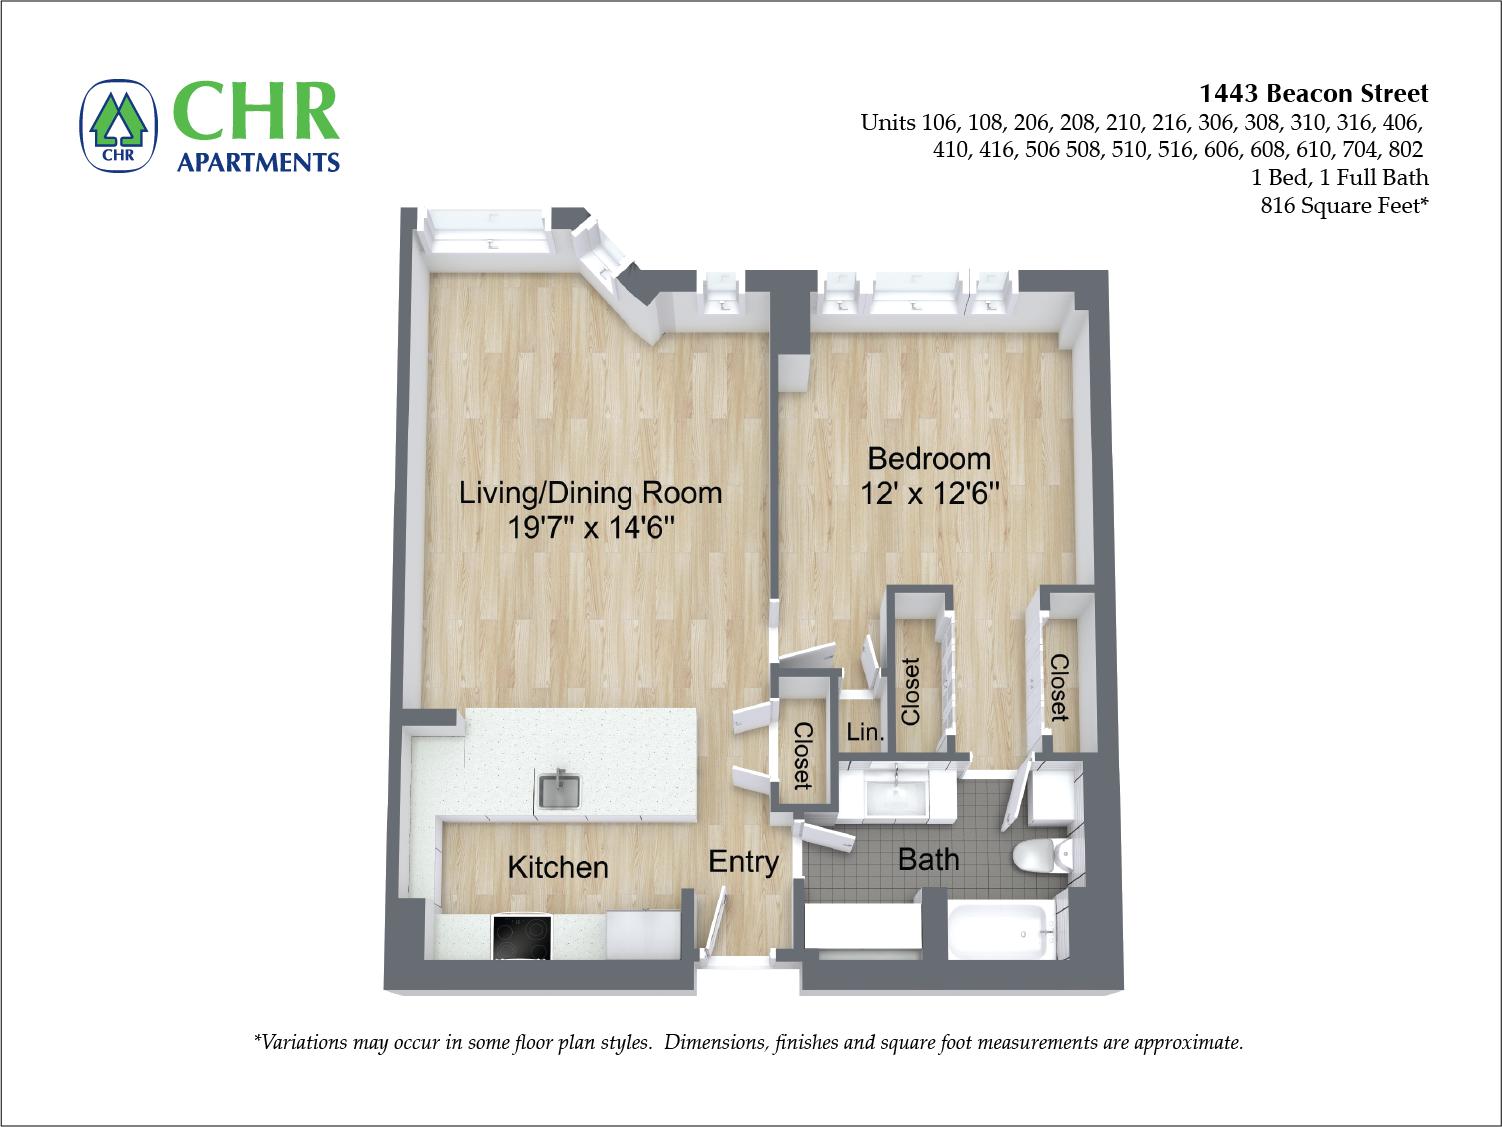 Floor plan 1 Bedroom image 5